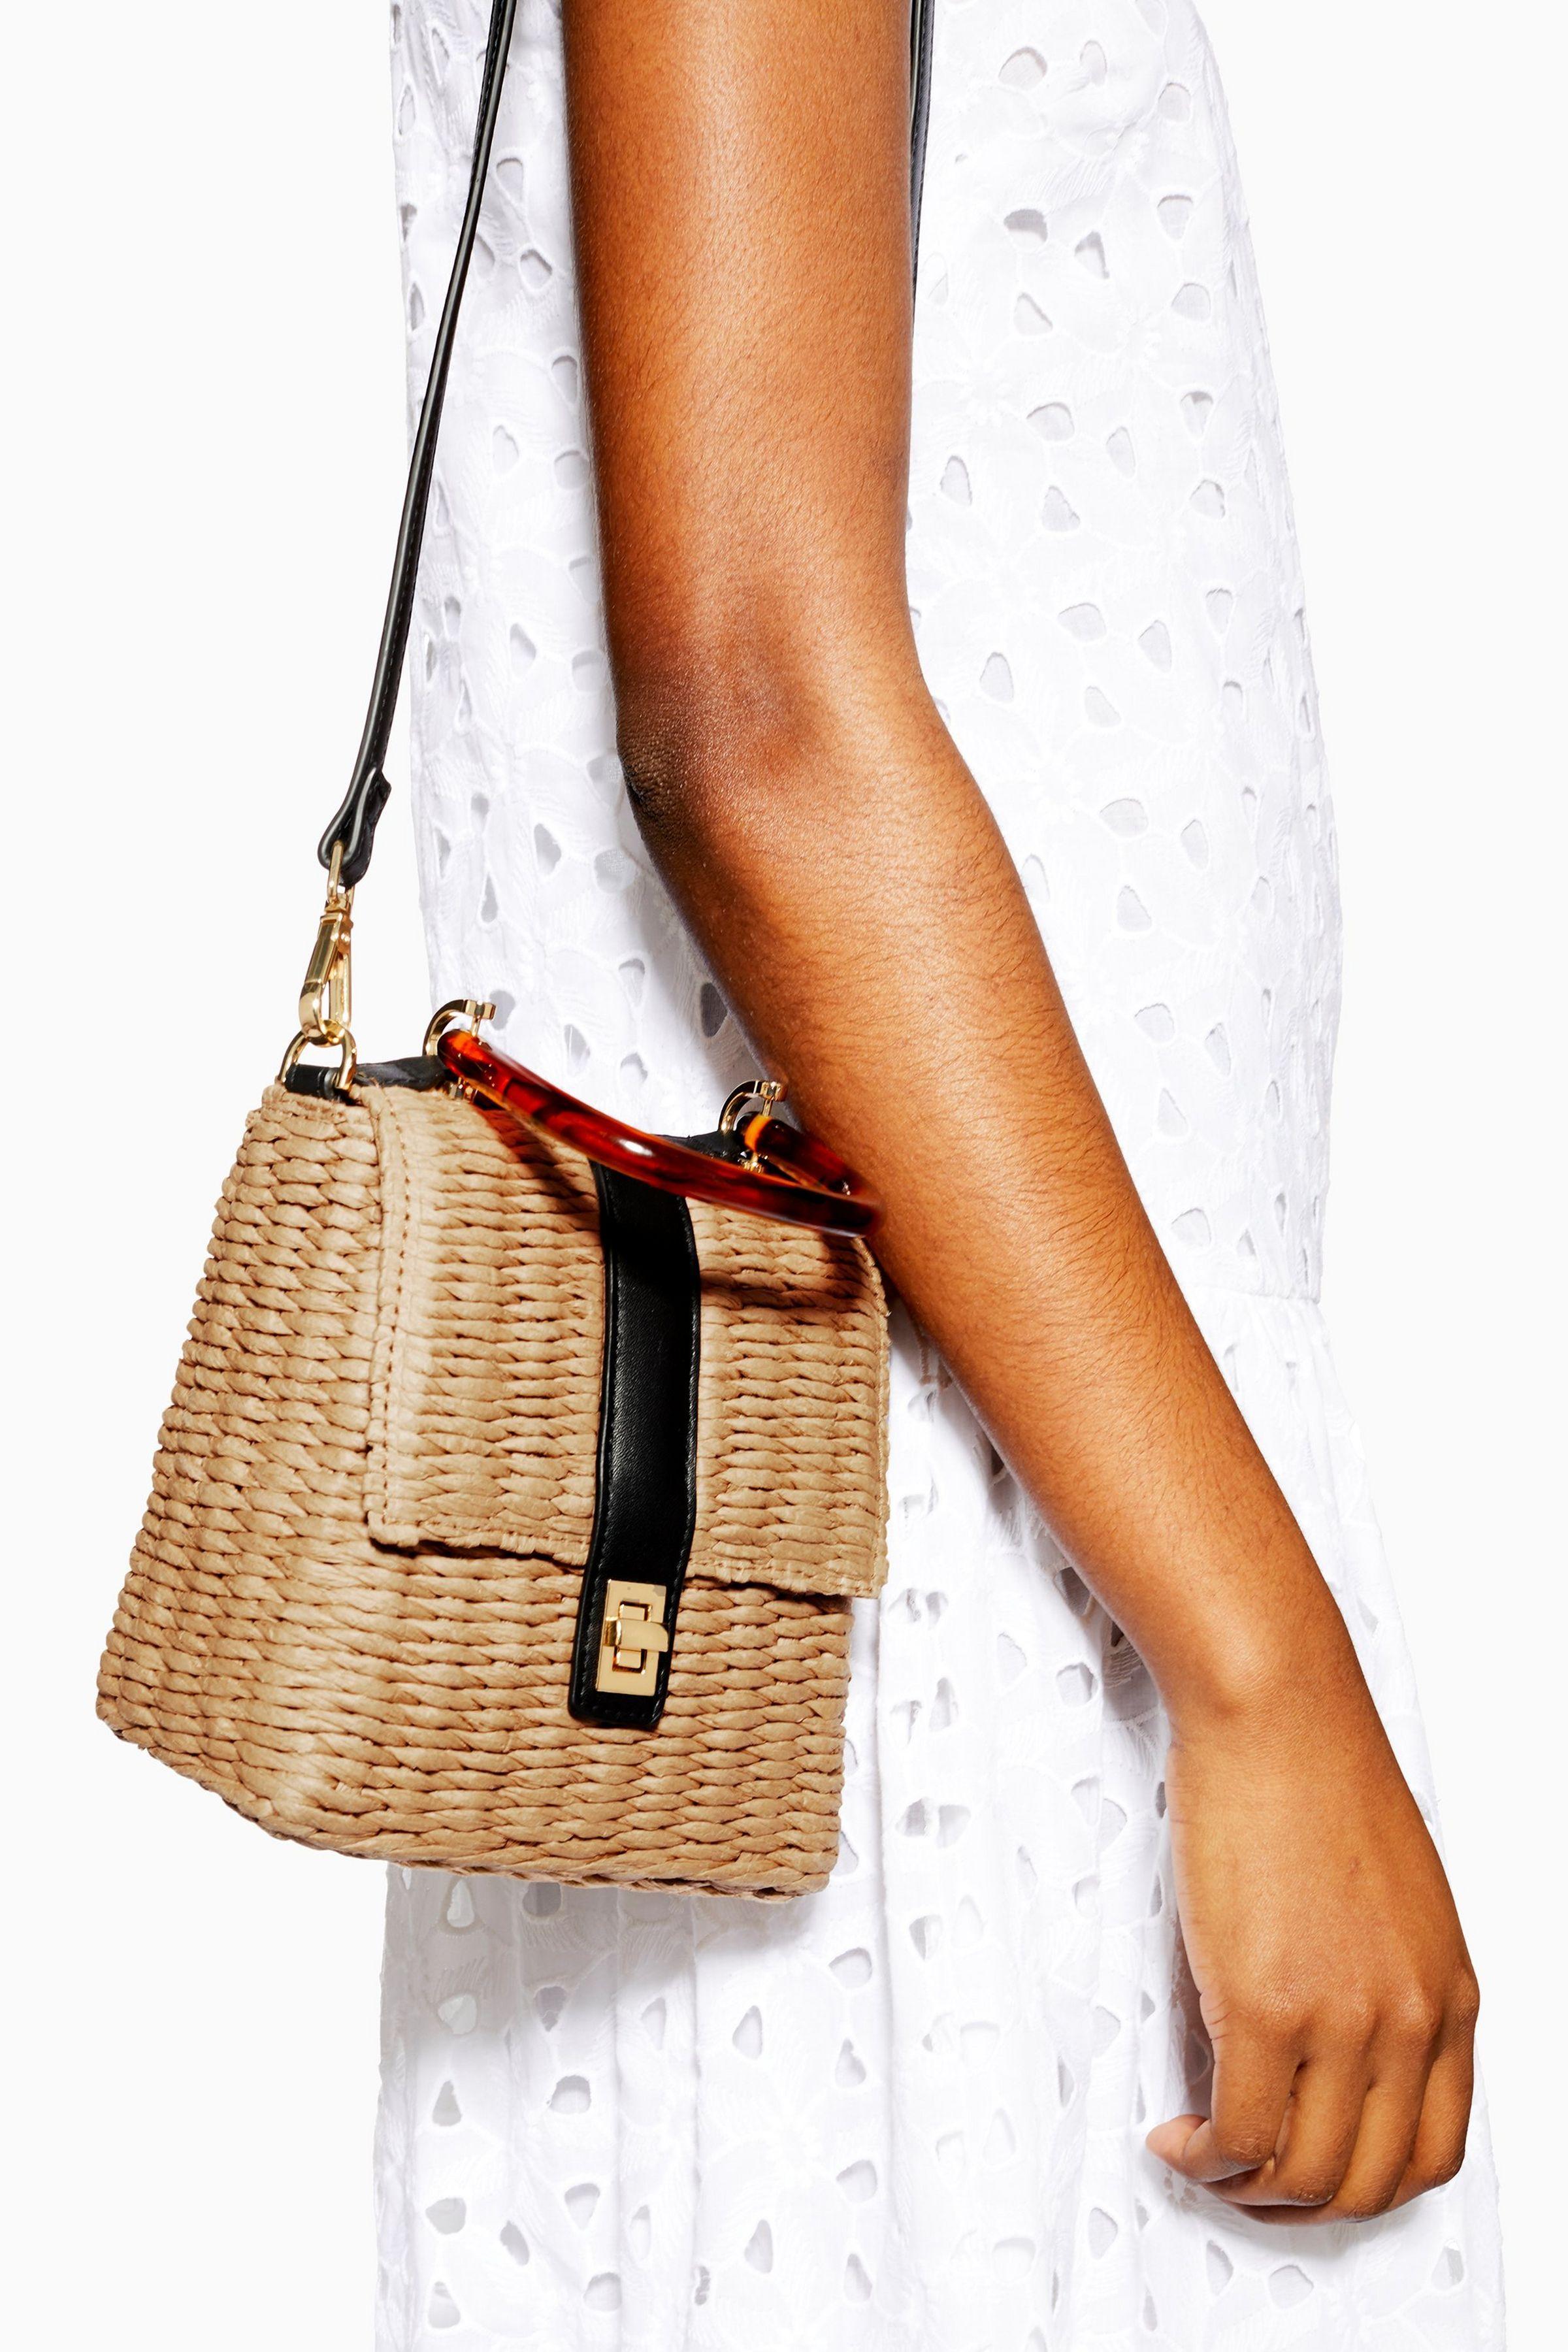 c5ec5fcf7da0 SKYLA Straw Grab Bag   Style in 2019   Bags, Grab bags, Bag accessories